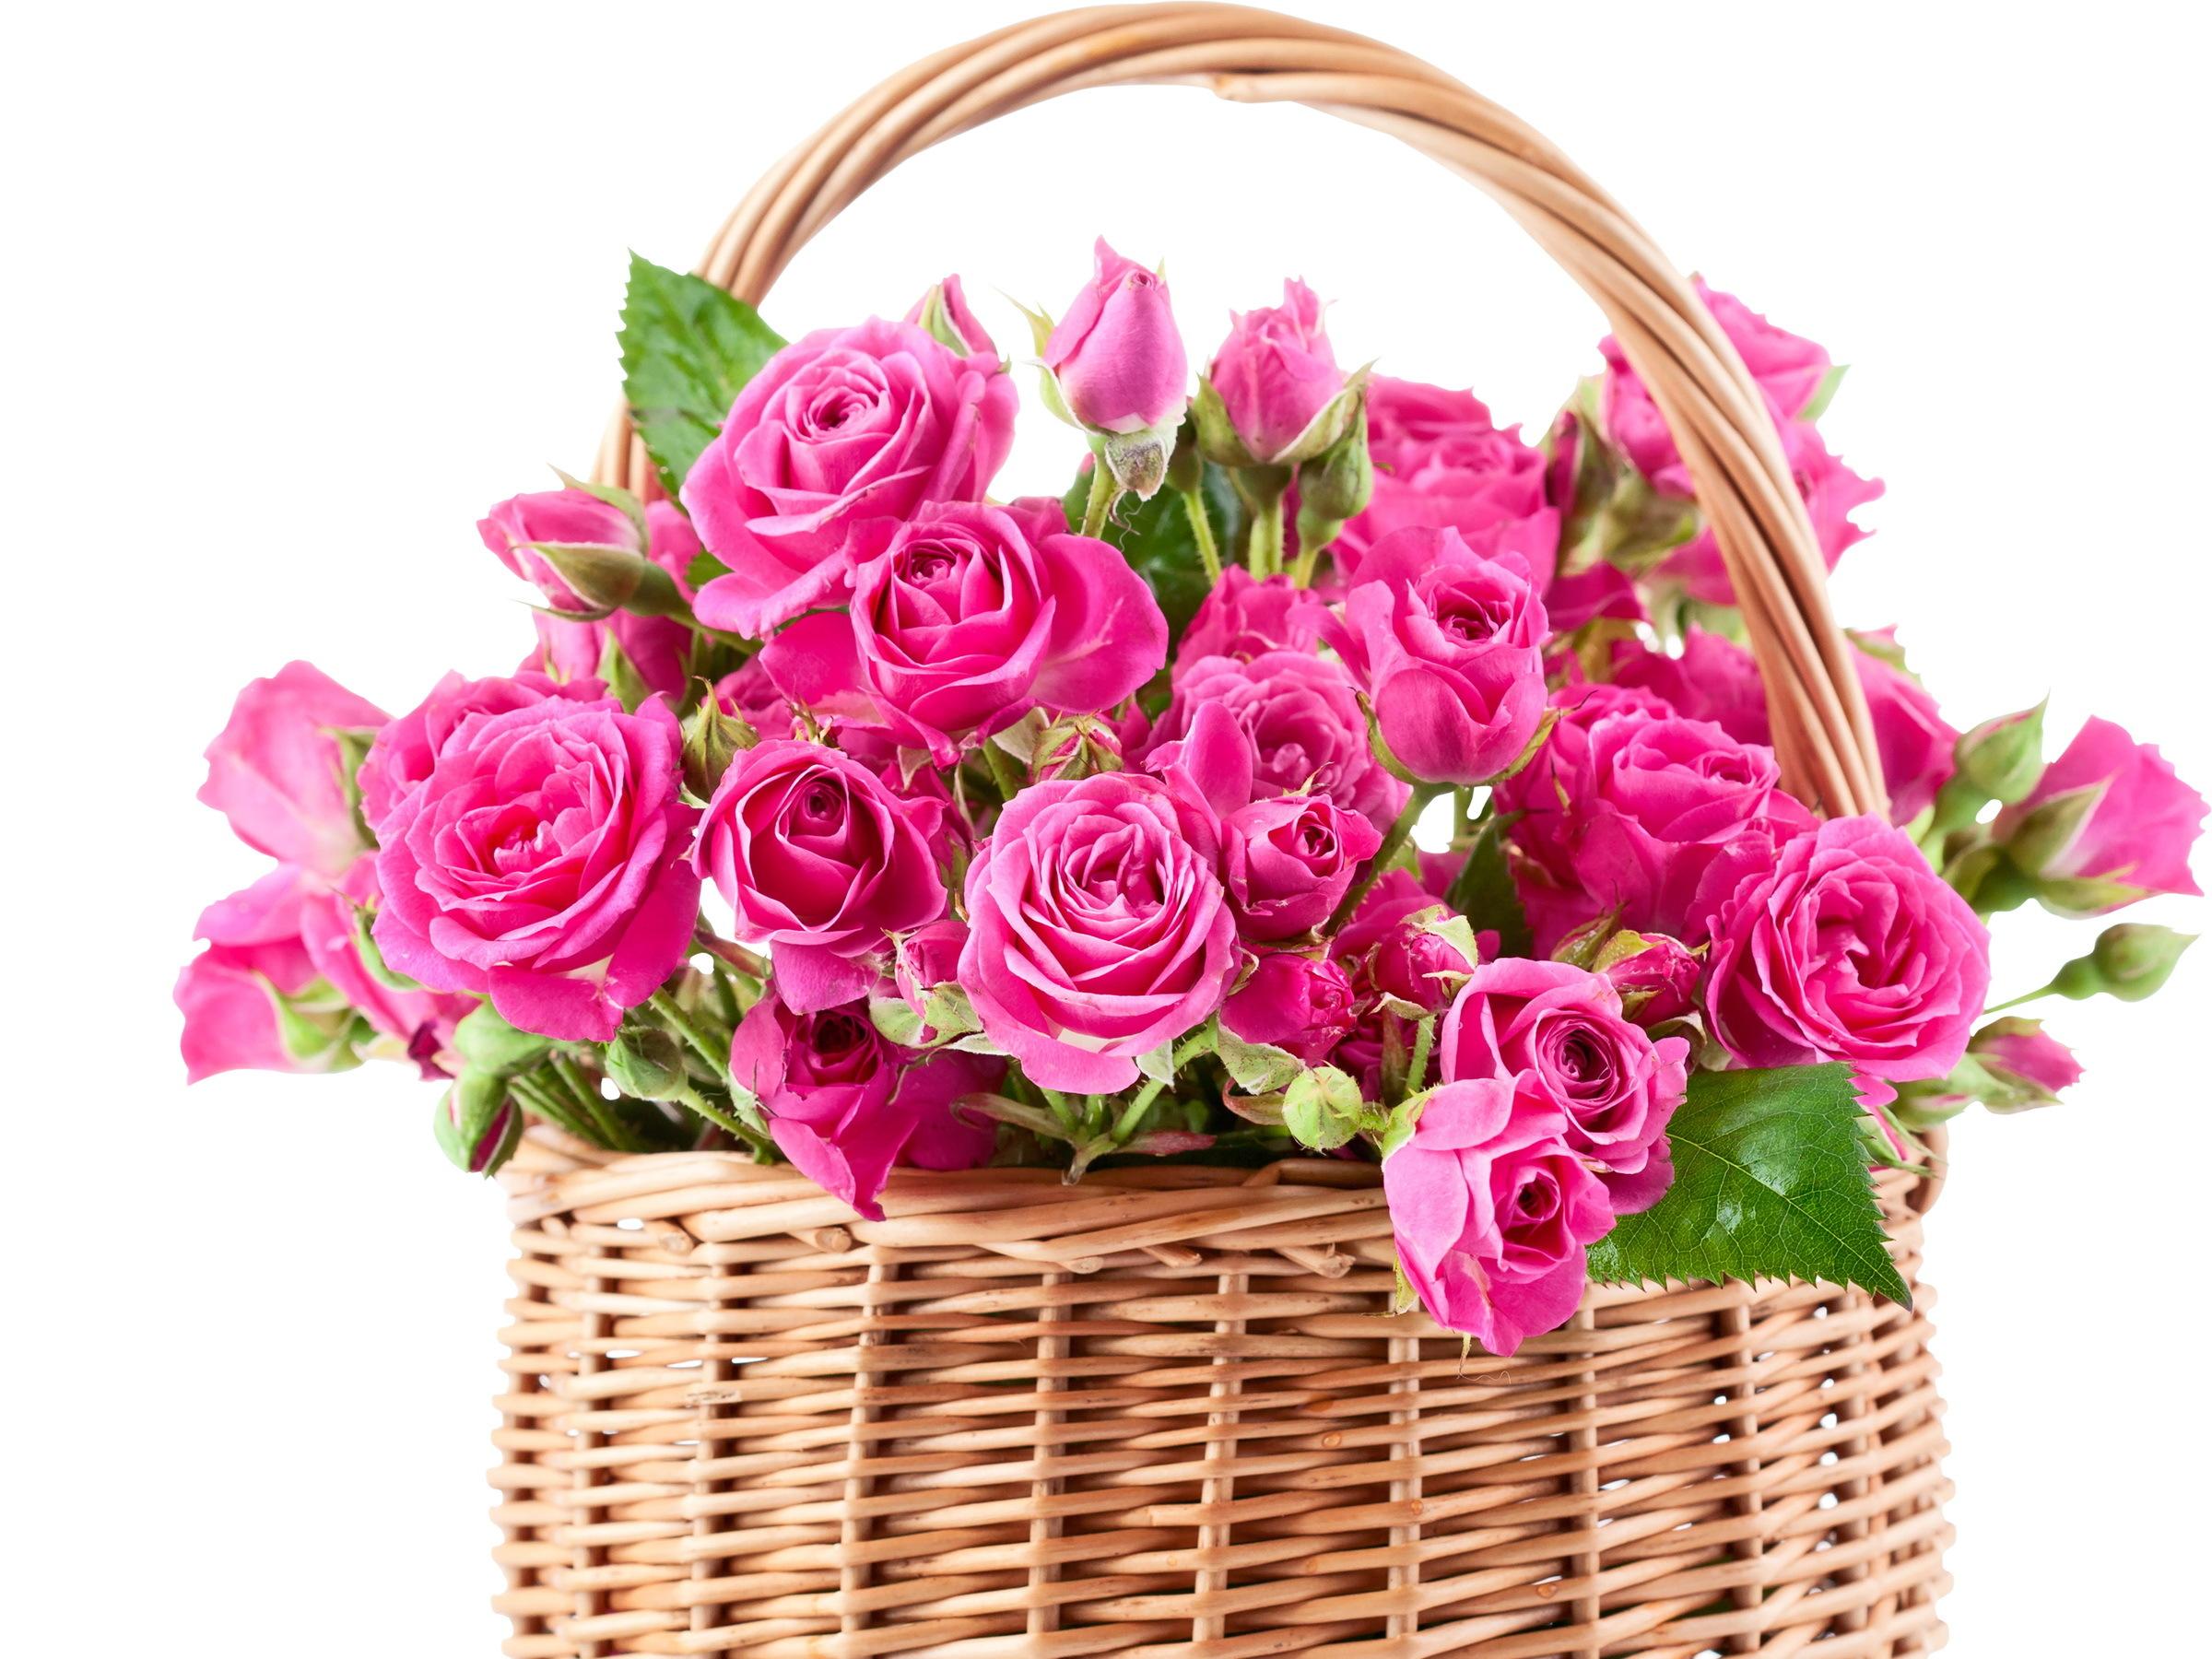 Открытки букеты роз в корзине, картинки крещением господним